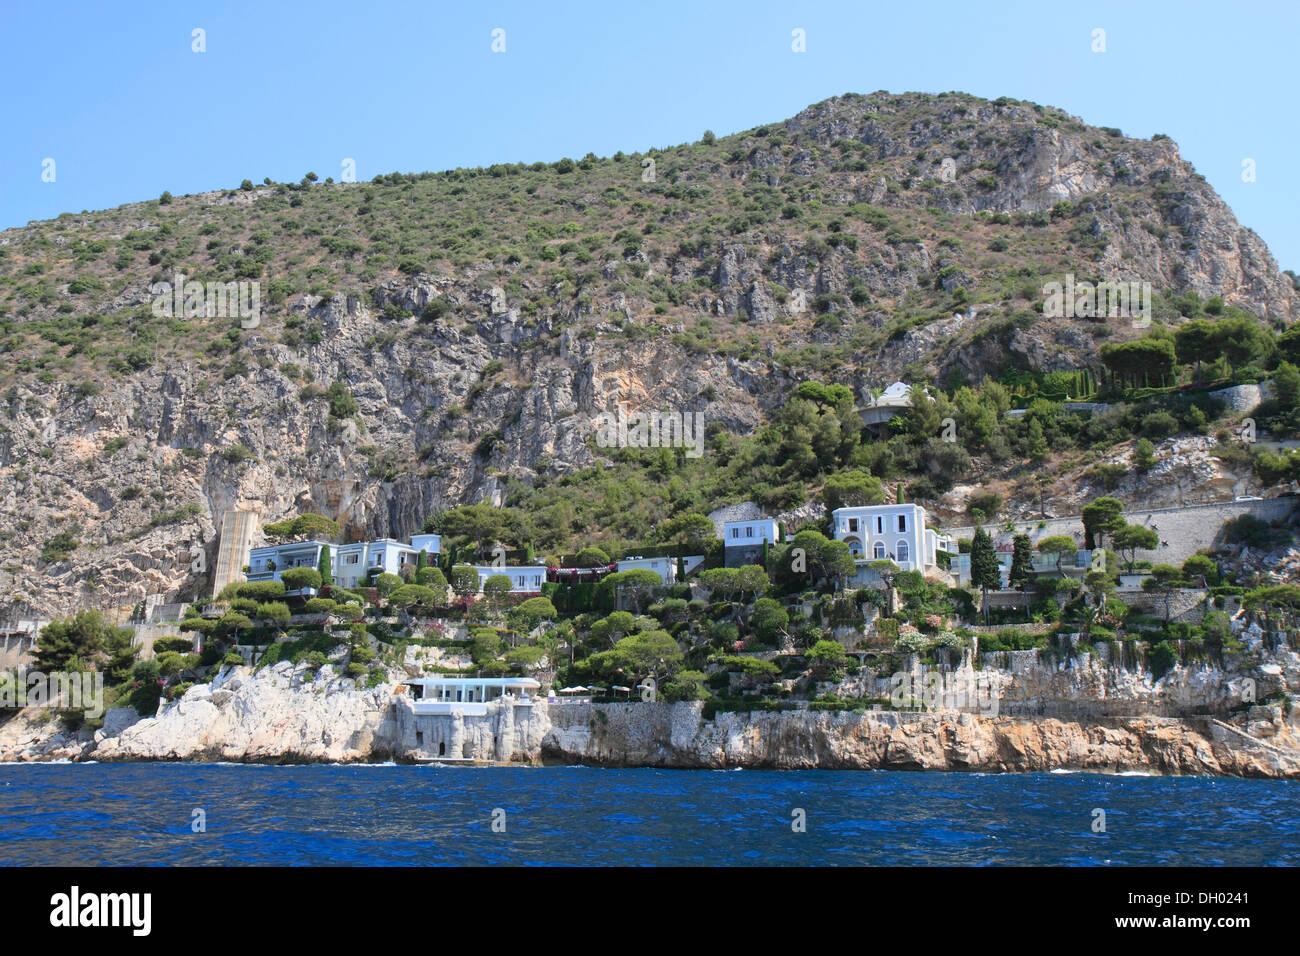 Beach villas at eze bord de mer c te d 39 azur france - Villa bord de mer ...